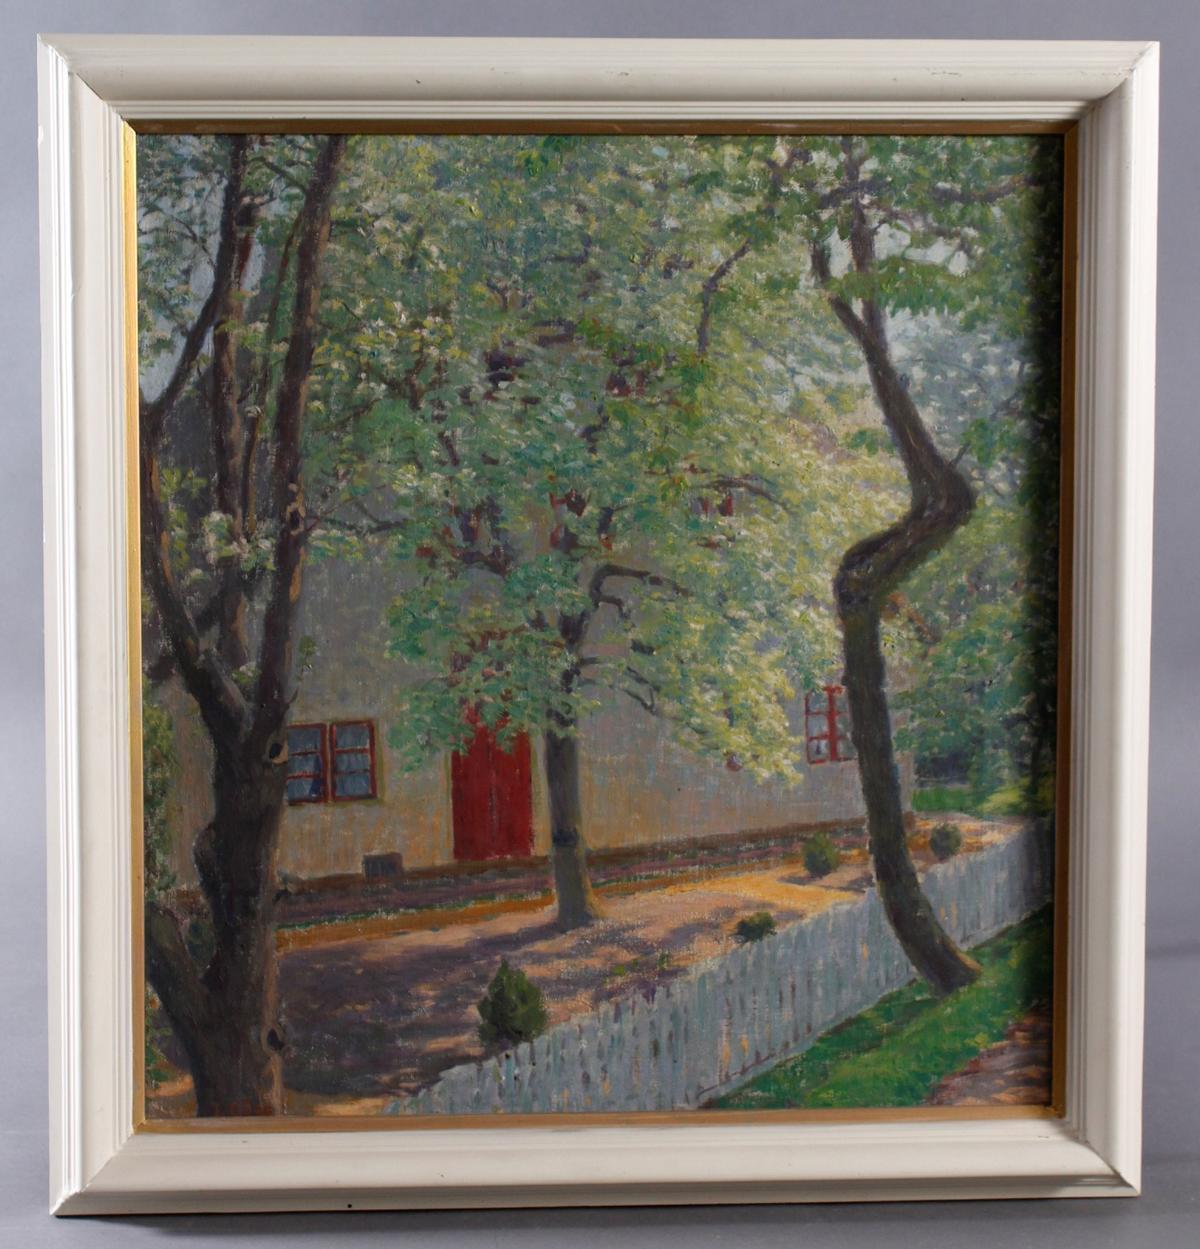 Lilla Pauline Emilie GÄDE (1852-1932), Blühende Bäume vor einem Gehöft